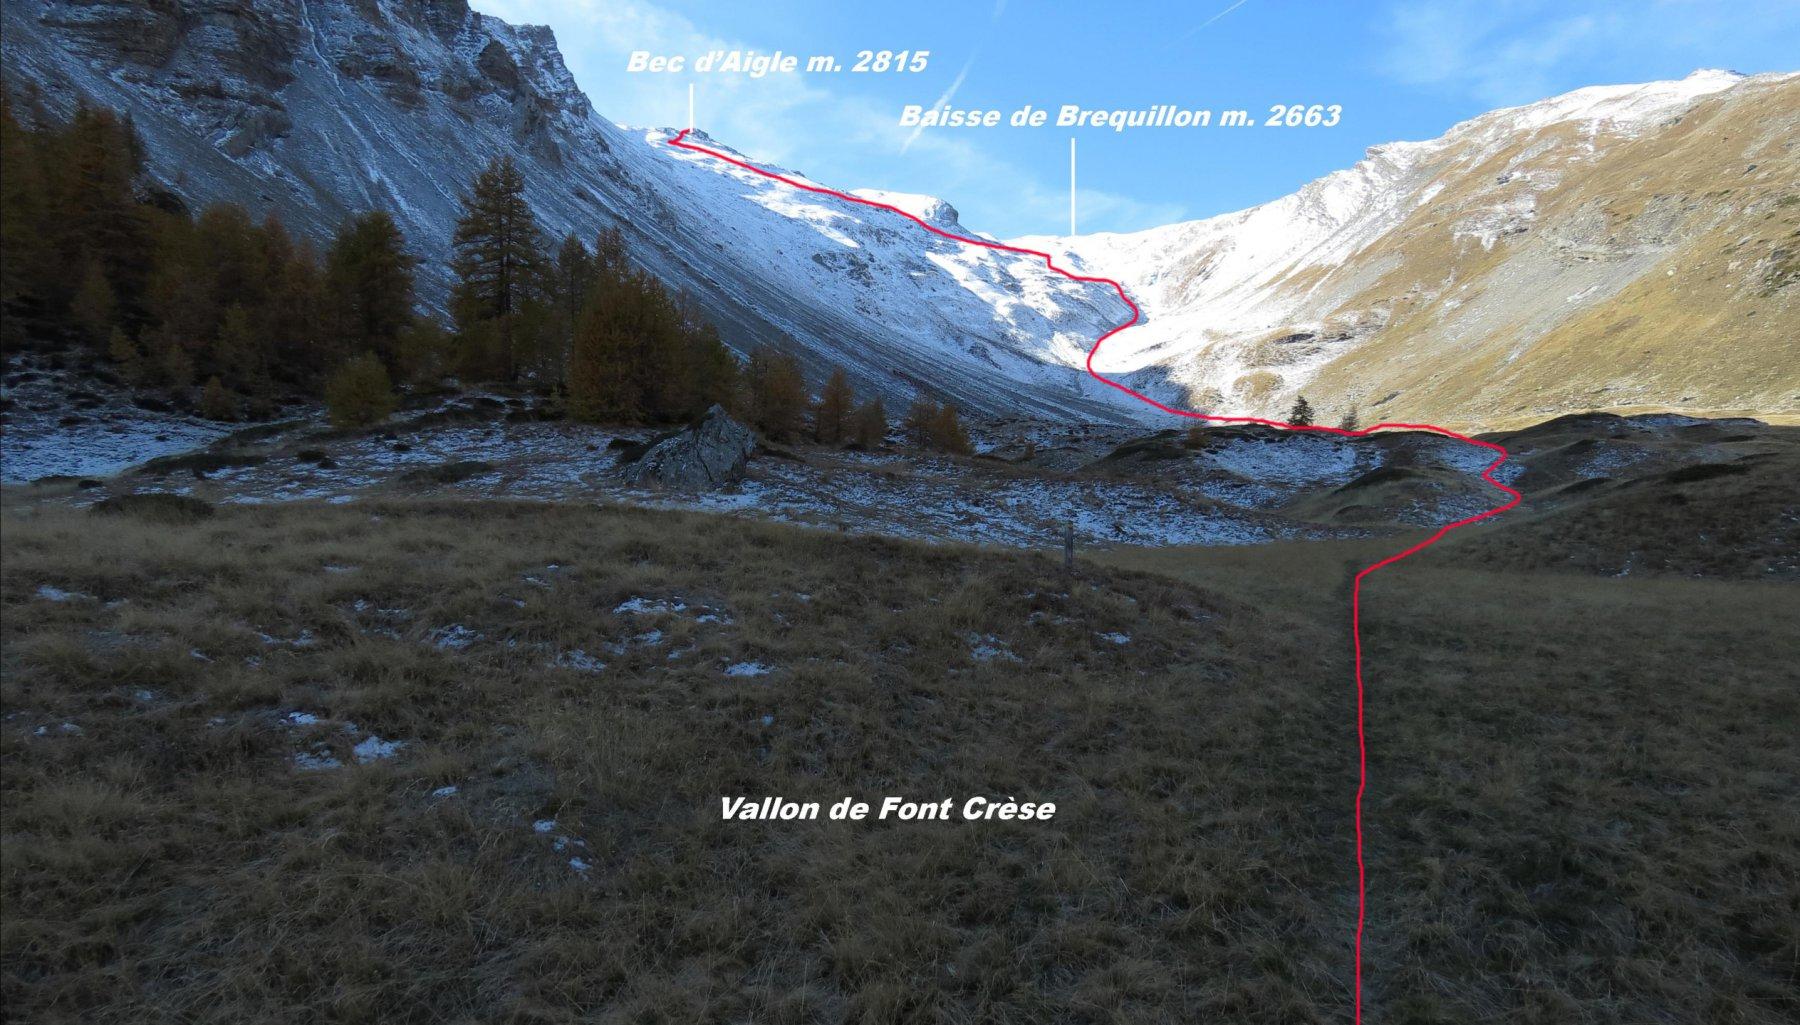 parte alta del Vallon de Fon Crèse e itinerario di salita per la cima (17-10-2015)